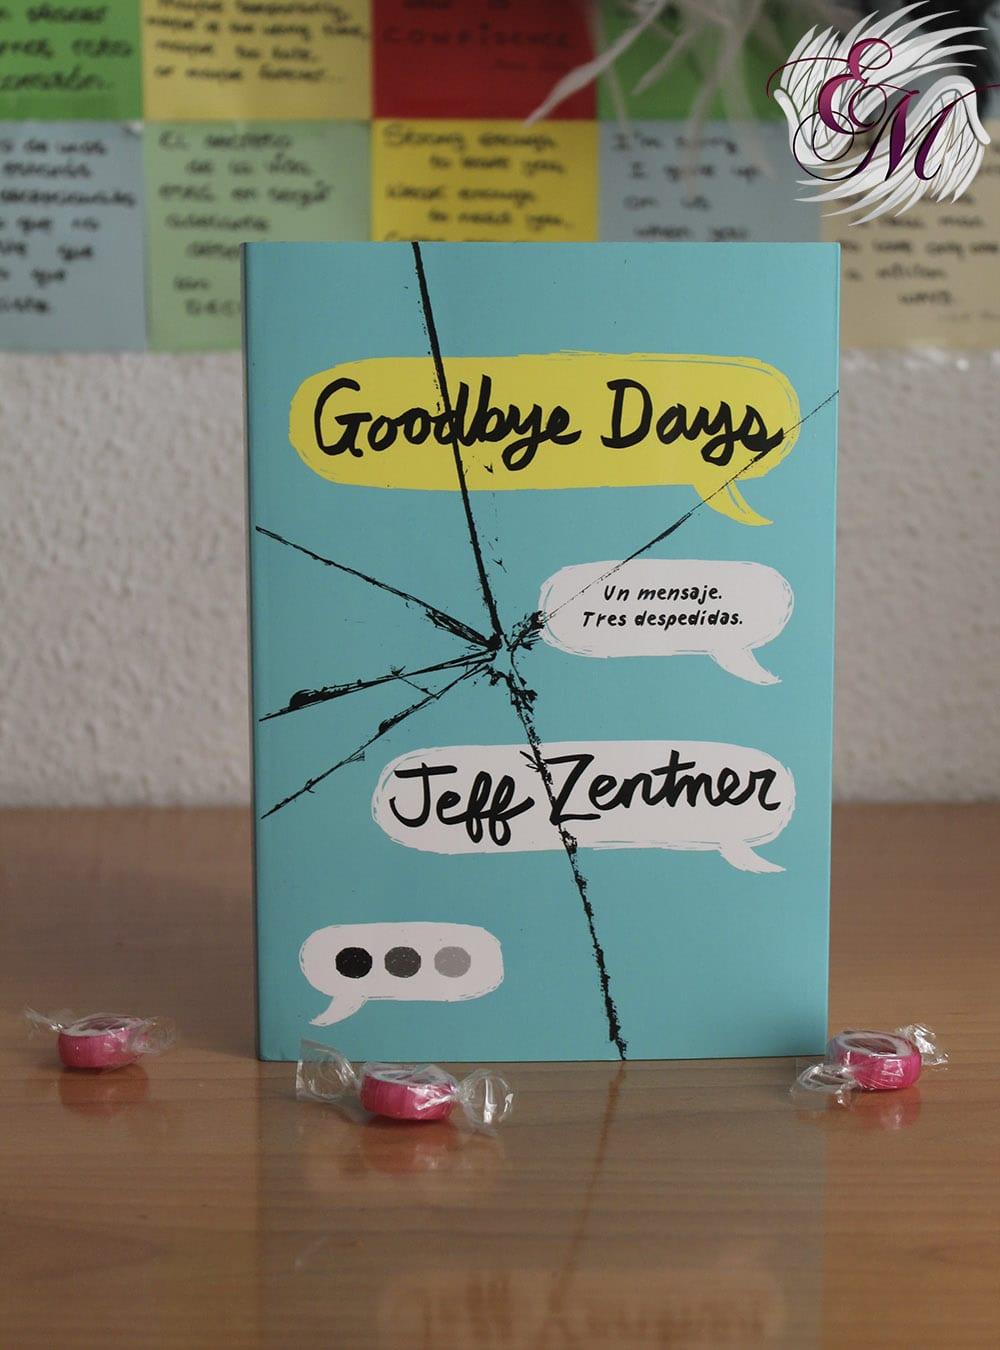 Goodbye Days, de Jeff Zentner - Reseña